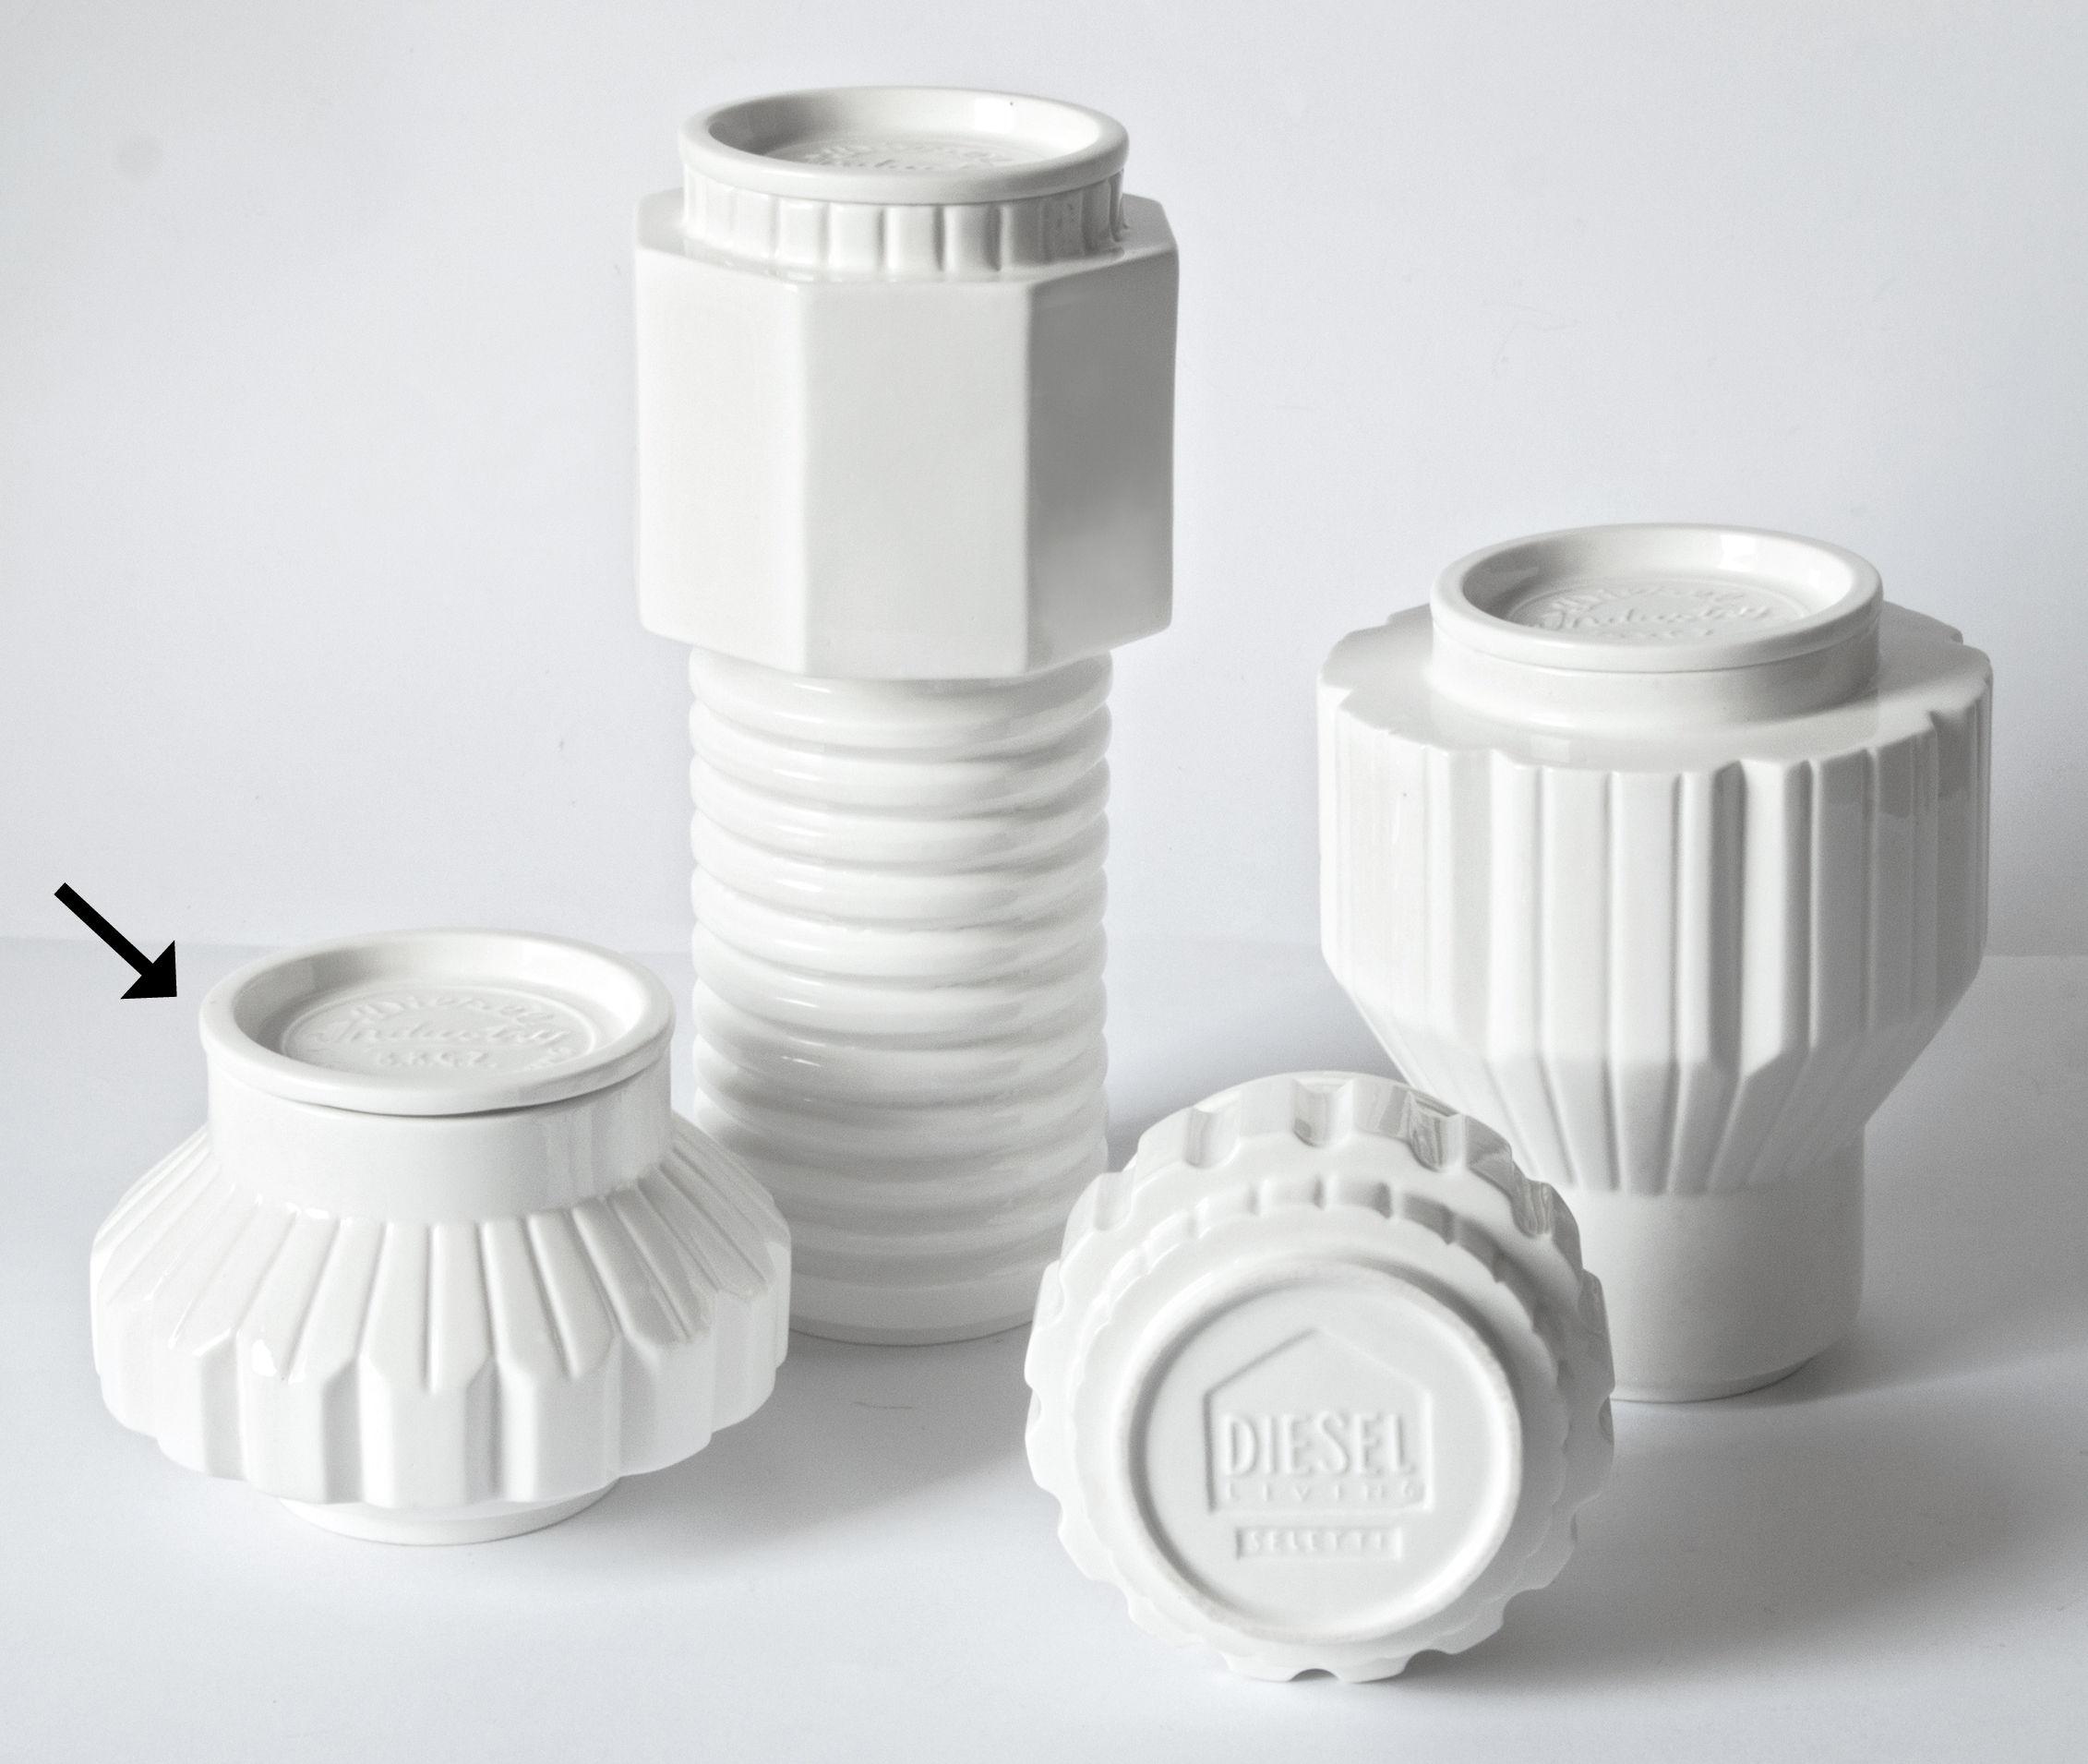 Cuisine - Boîtes, pots et bocaux - Boîte Machine Collection / Ø 16 x H 13,5 cm - Diesel living with Seletti - H 13 cm / Blanc - Porcelaine